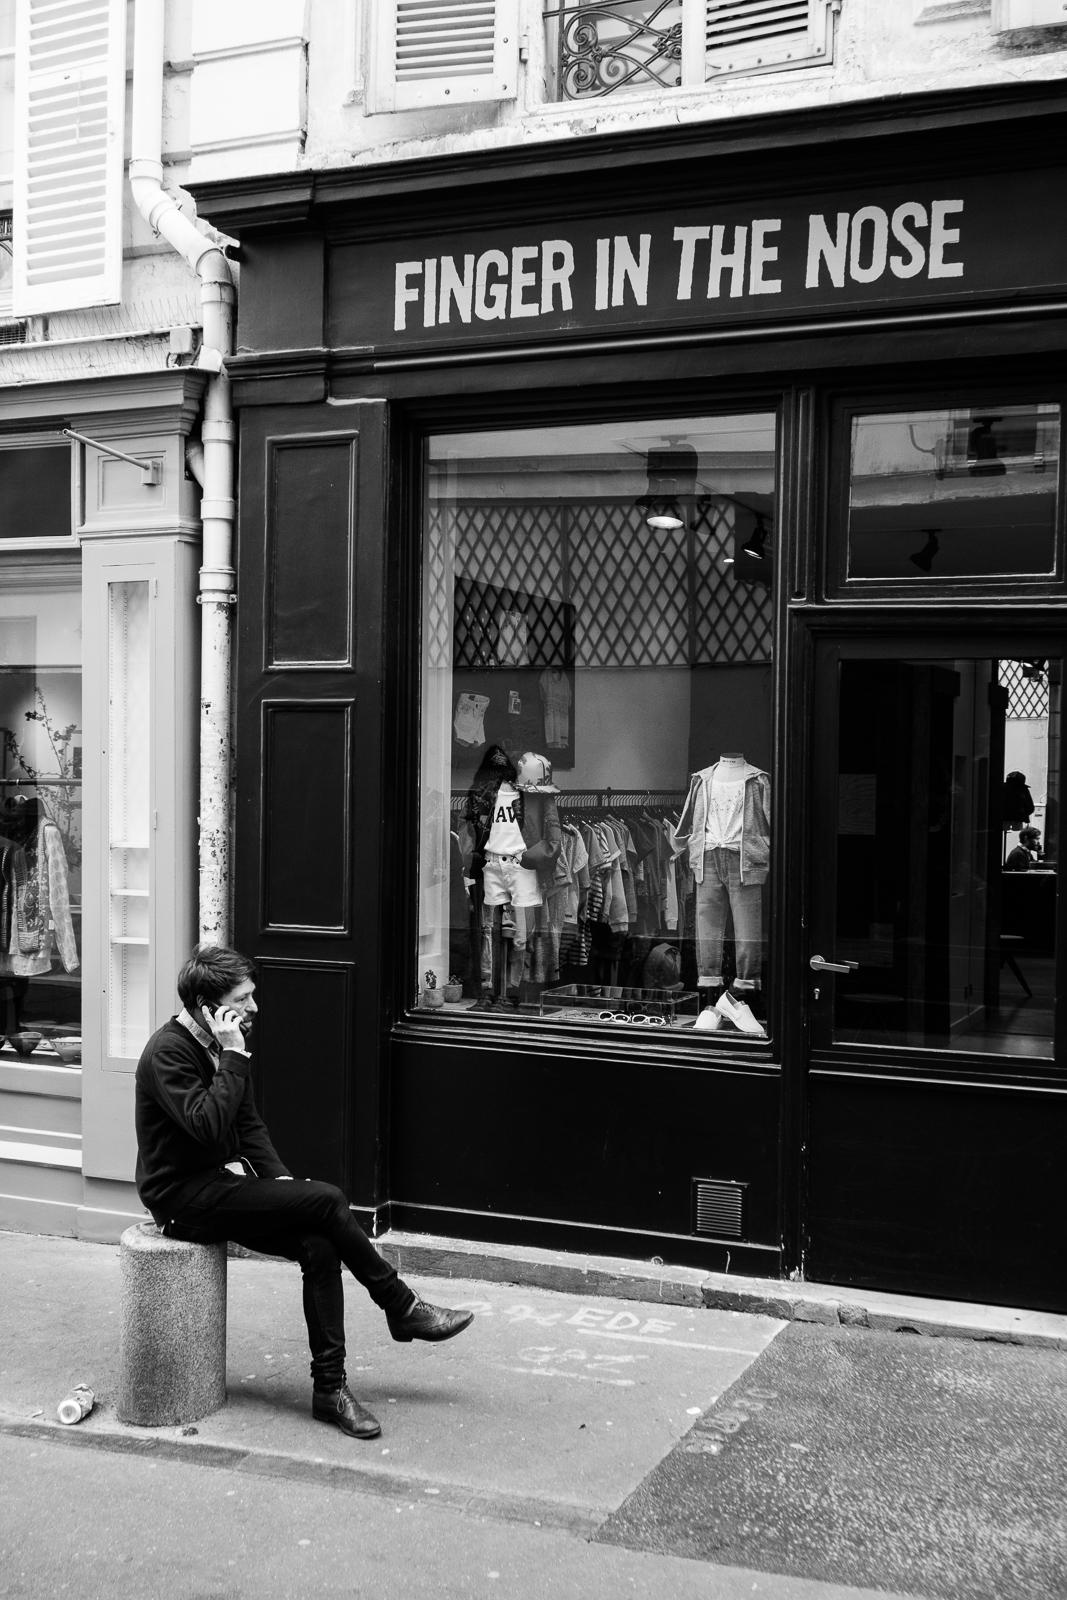 paris_street_2016-1462